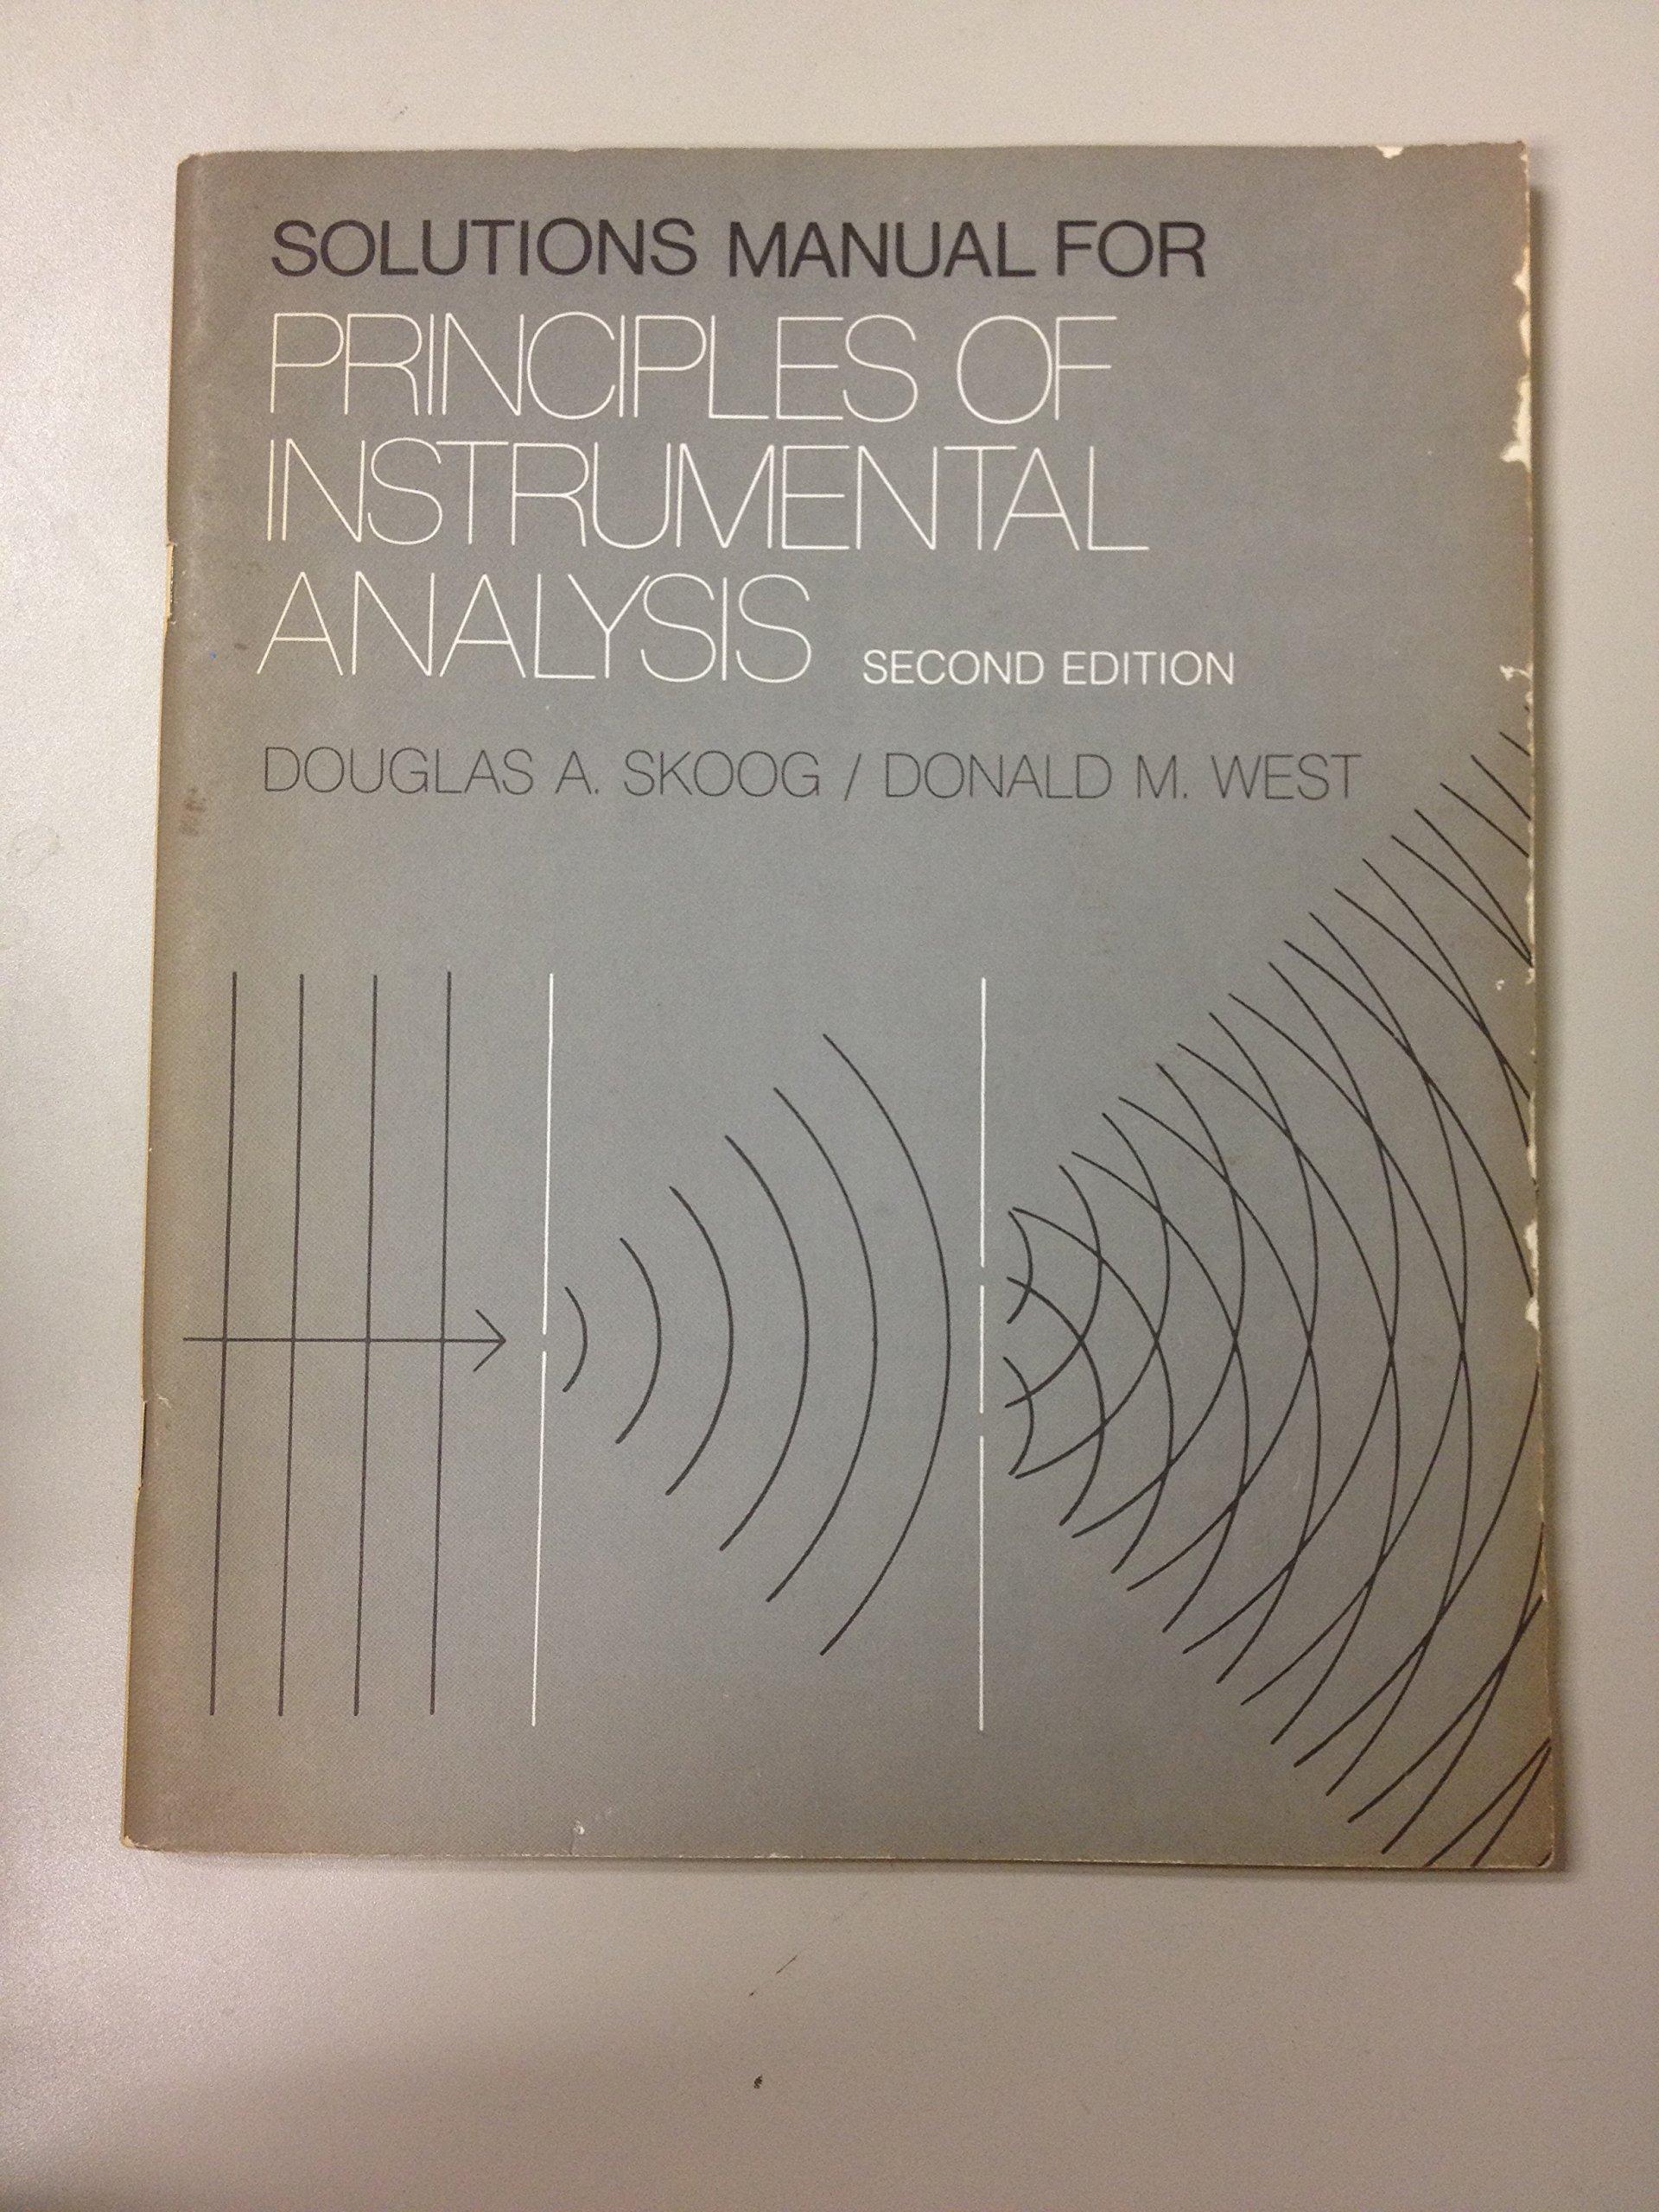 Principles of Instrumental Analysis: Solutions Manual to 2r.e: Douglas A  Skoog, Donald M West: 9780030452413: Amazon.com: Books